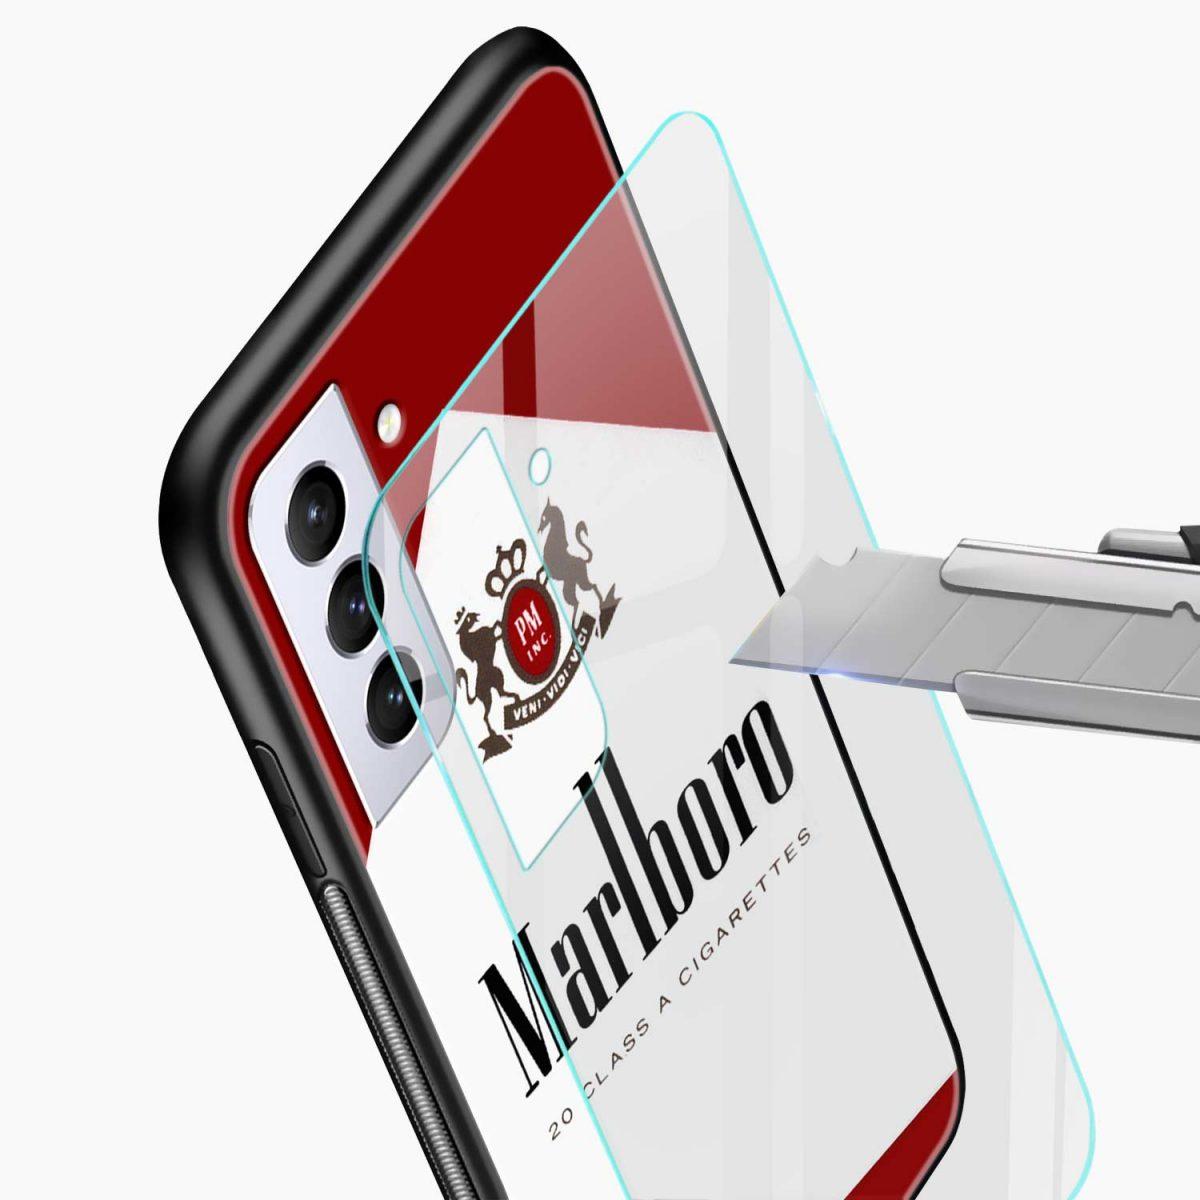 marlboro cigarette box glass view samsung s21 plug back cover